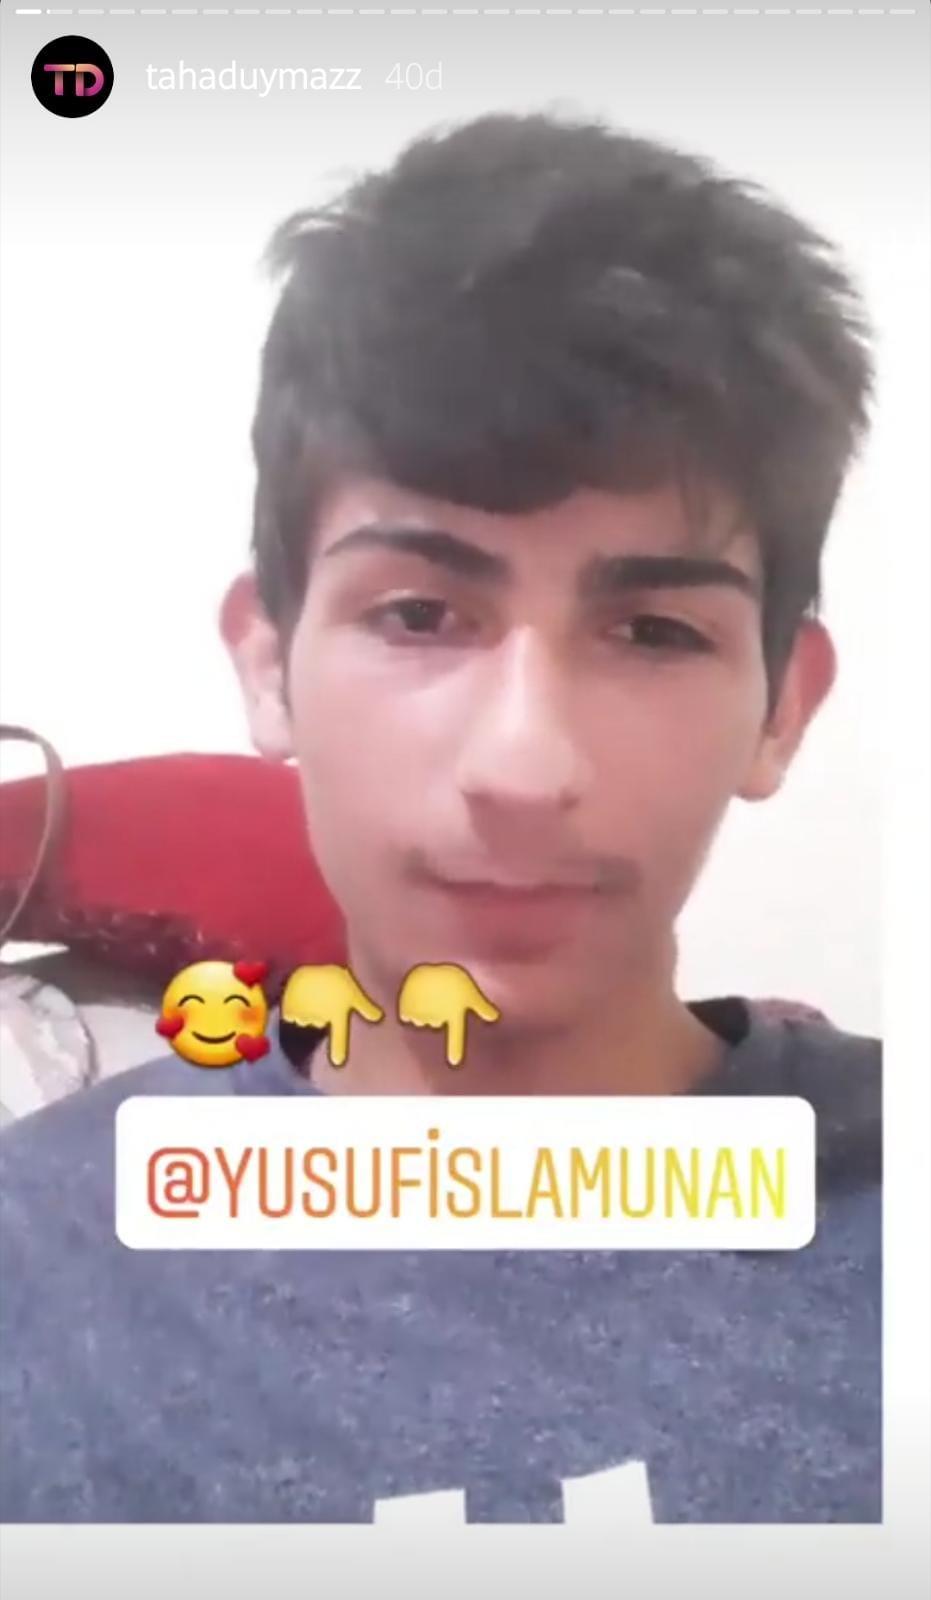 Taha Duymaz